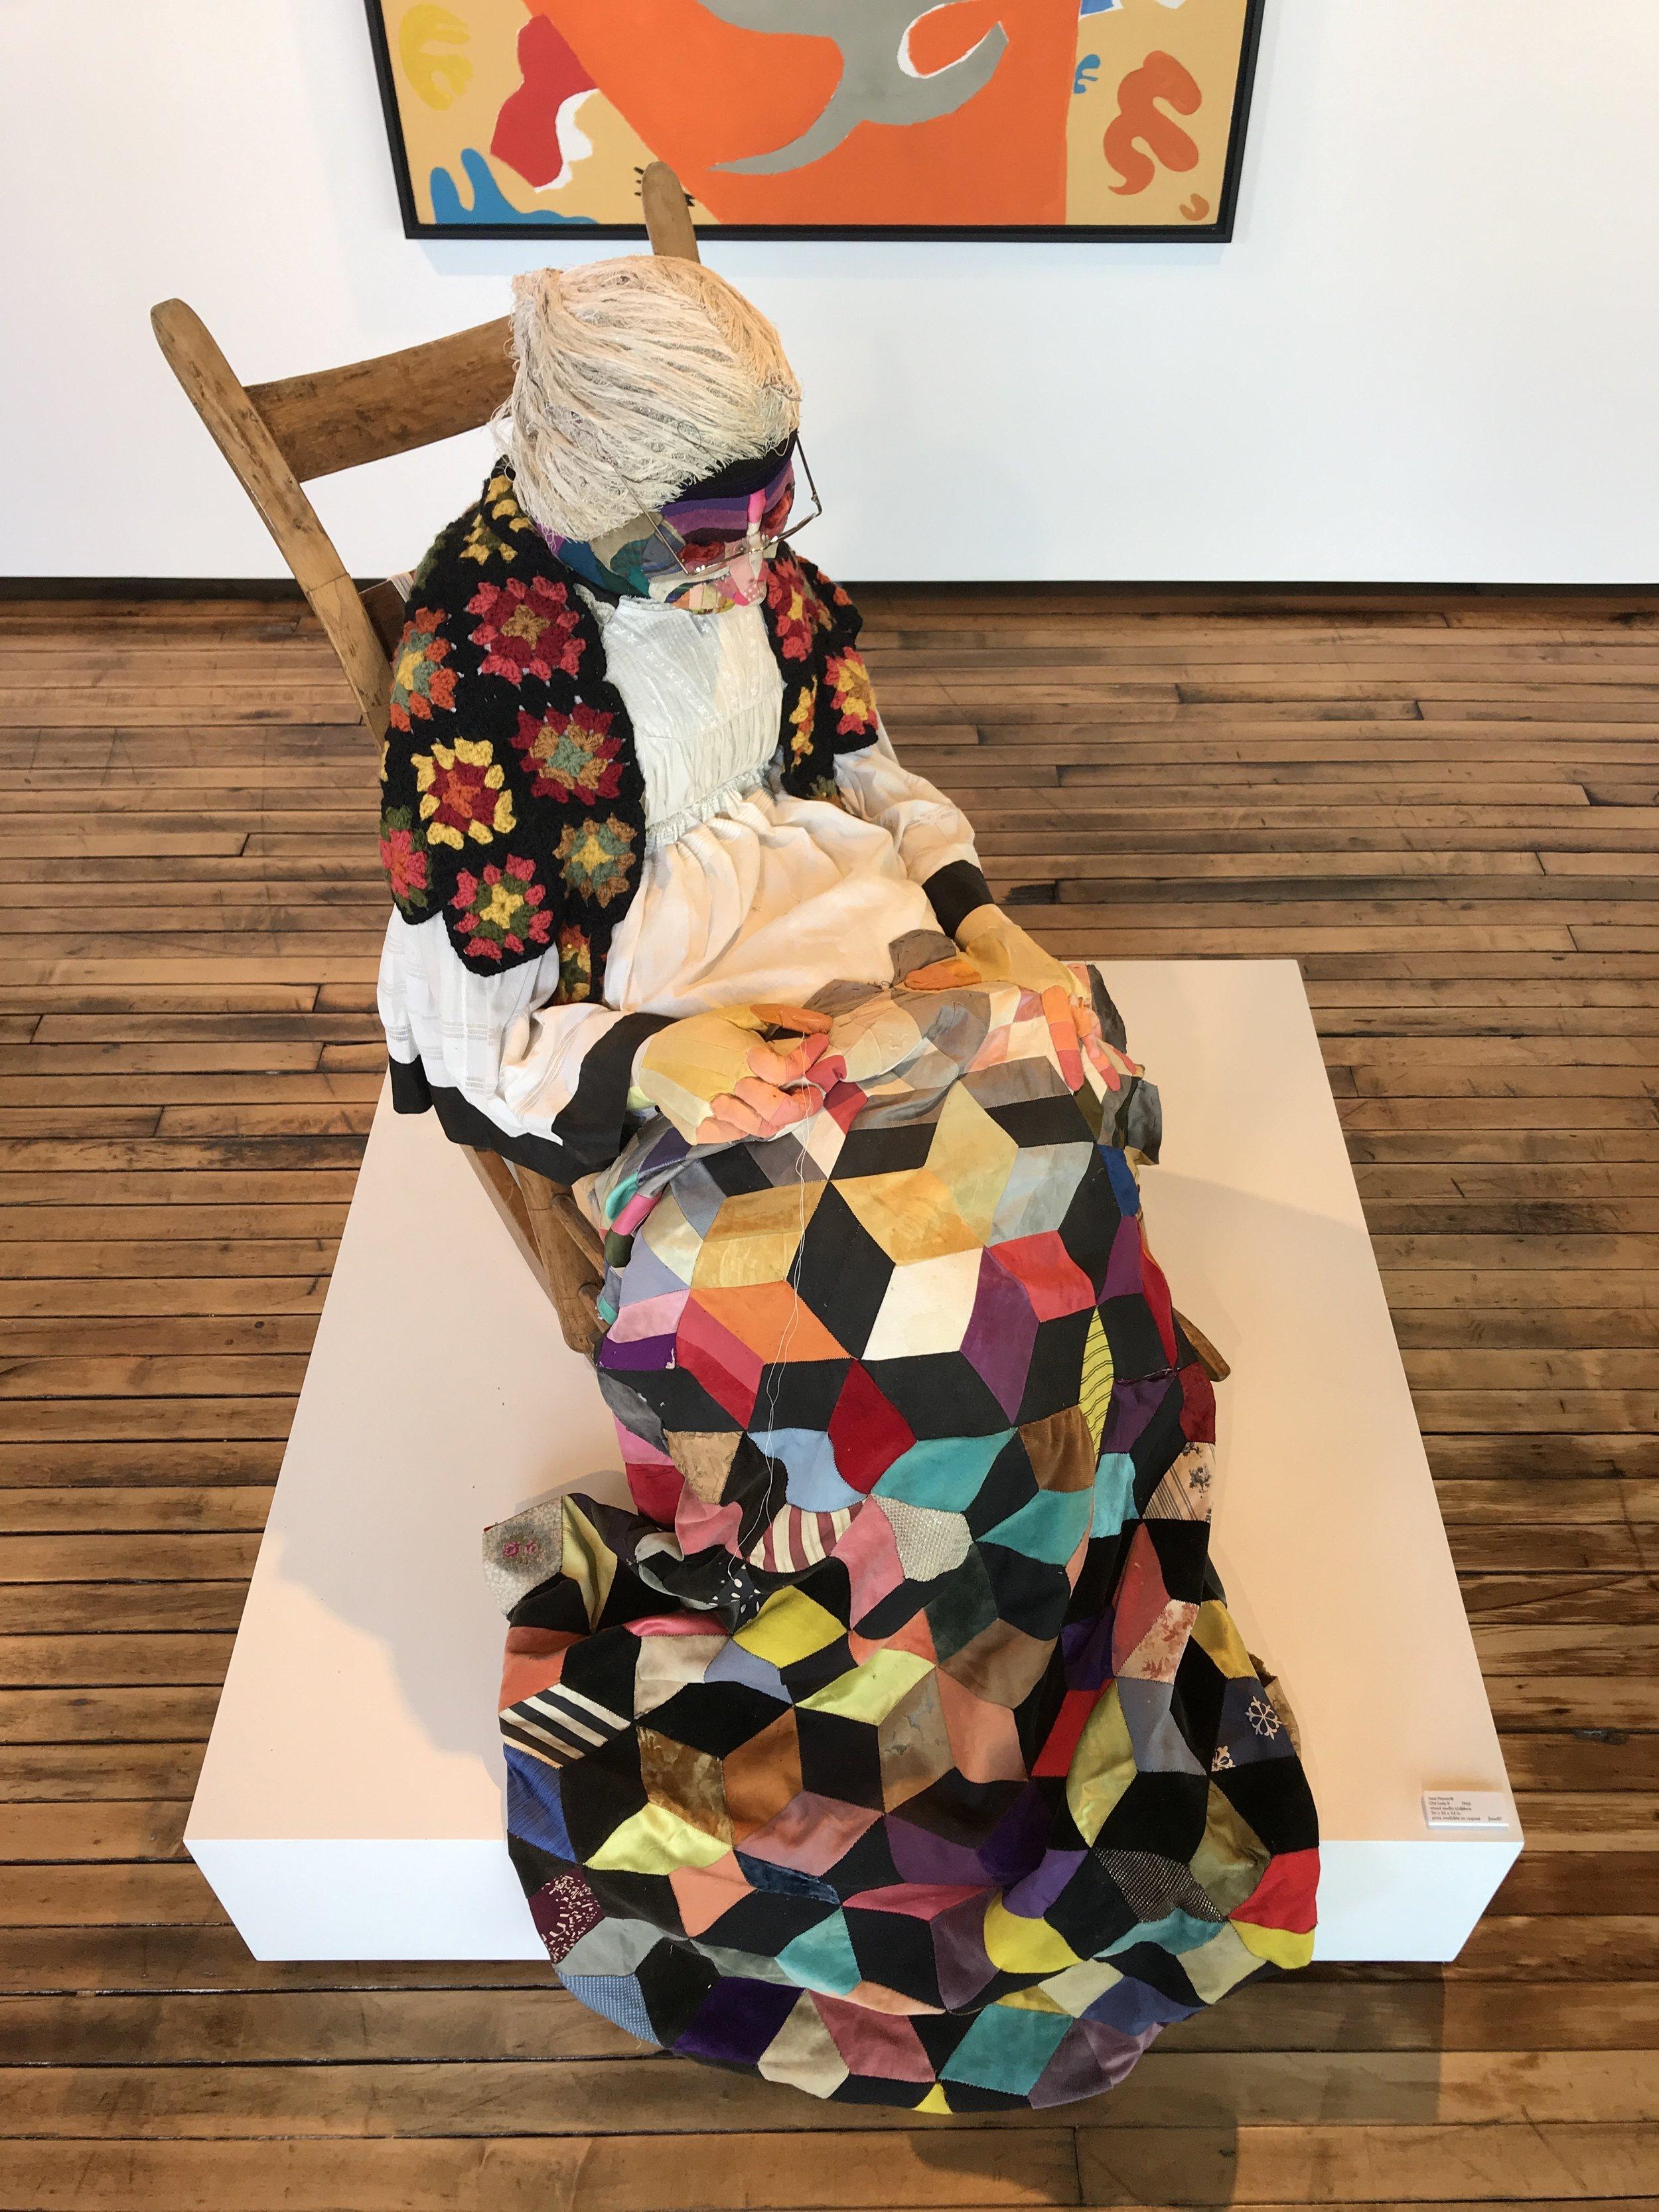 Jann Haworth    Old Lady II,  1965  mixed media sculpture, 36 x 36 x 24 in.